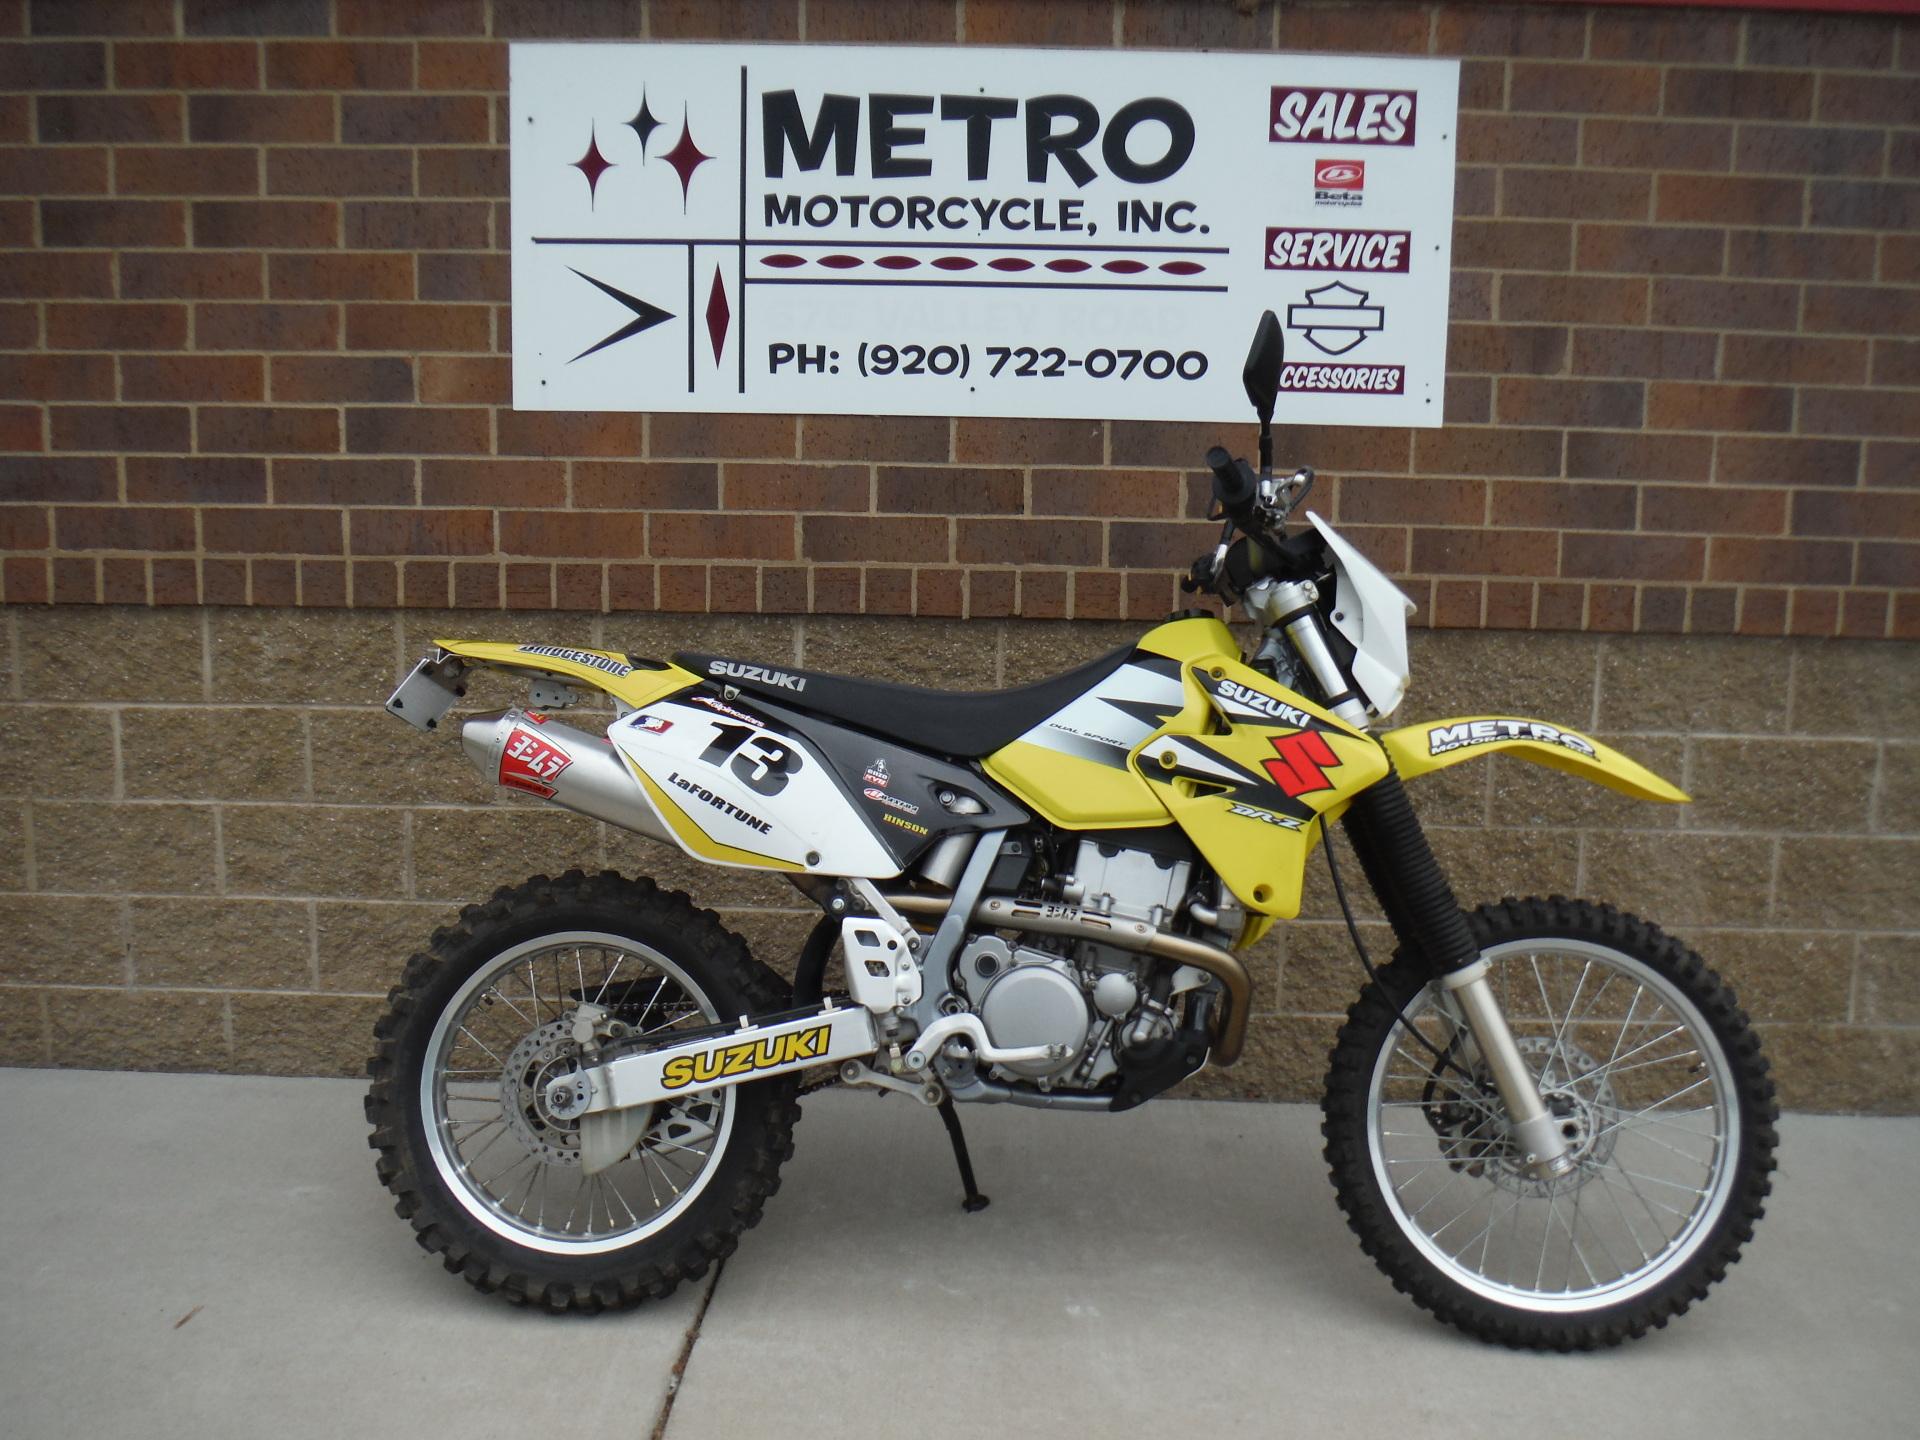 2004 Suzuki DRZ400